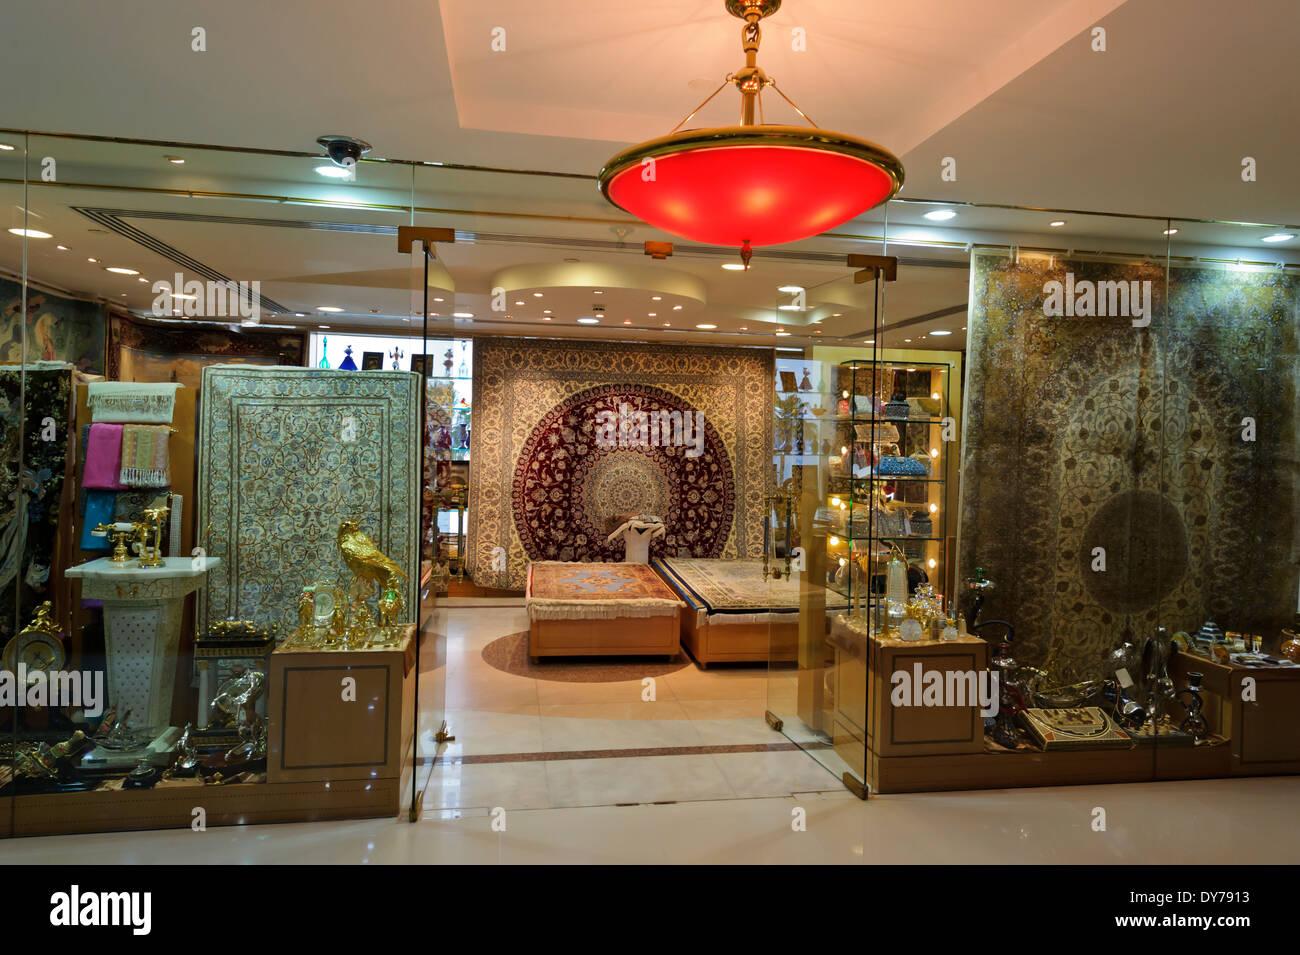 http://c8.alamy.com/compde/dy7913/das-luxuriose-interieur-des-eines-der-geschafte-am-burj-al-arab-hotel-das-weltweit-erste-sieben-sterne-hotel-vereinigte-arabische-emirate-dy7913.jpg